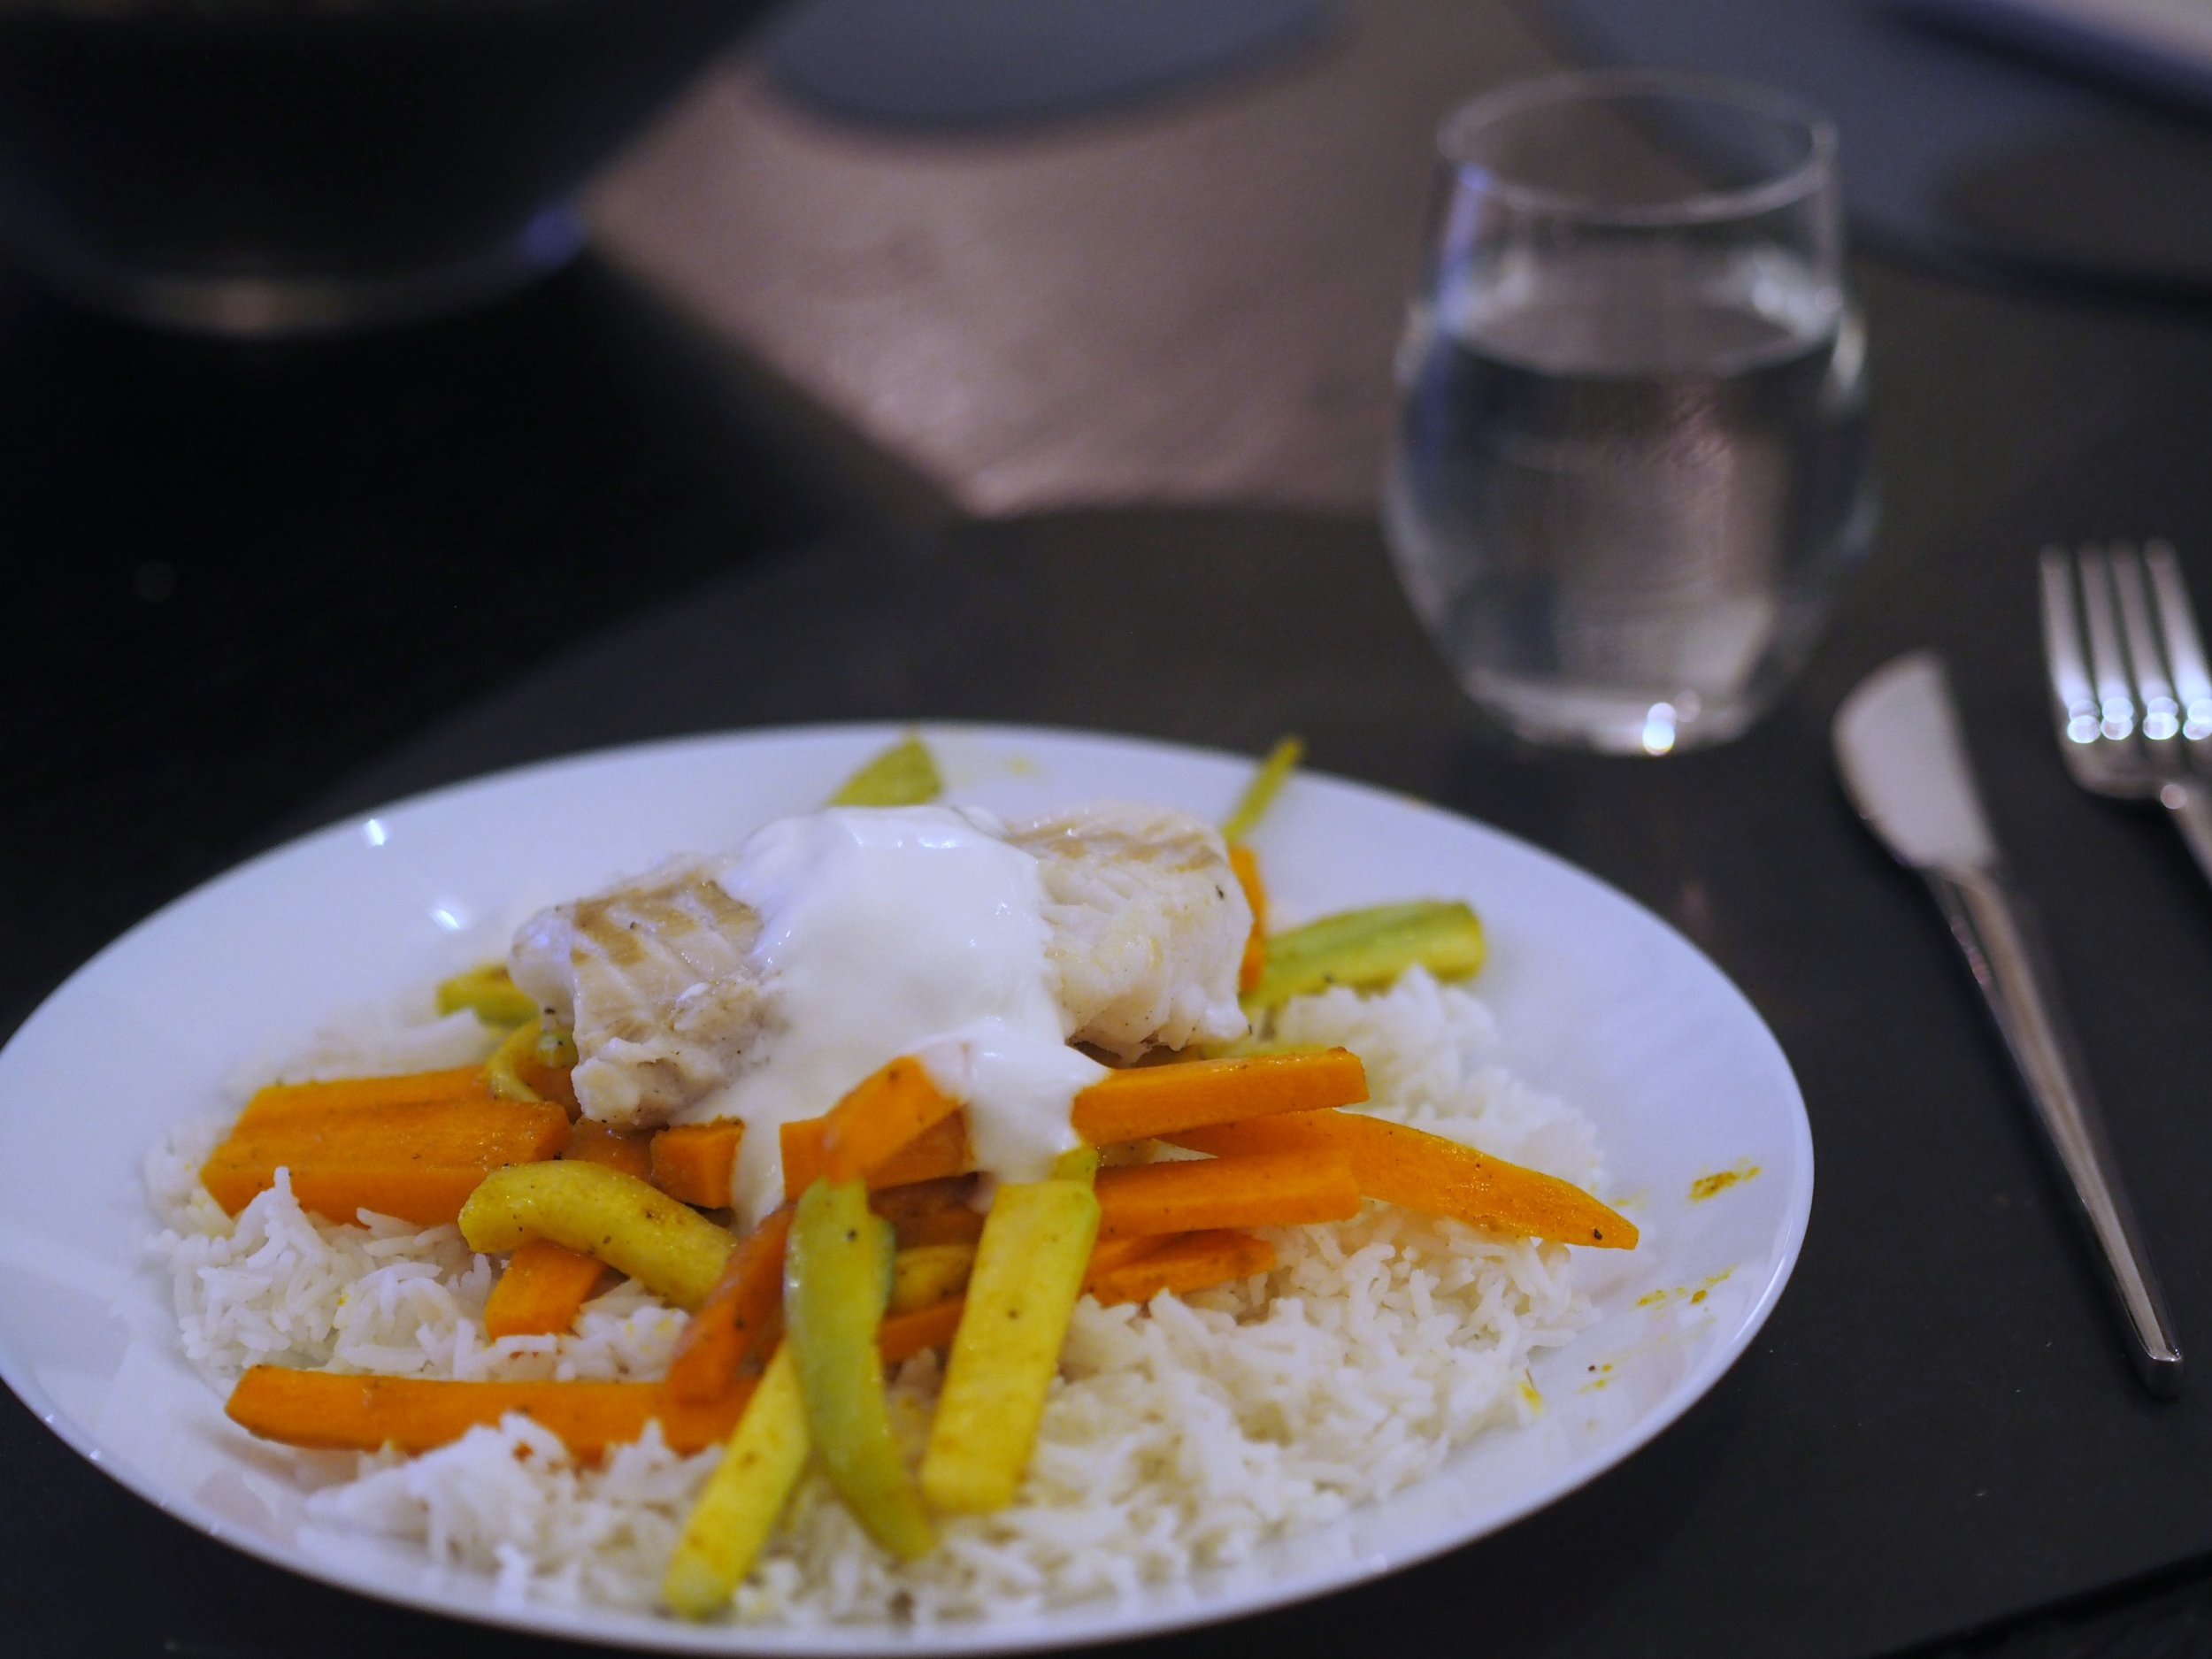 Torsk med karribakt gulrot og squash. Godt levert matkasse